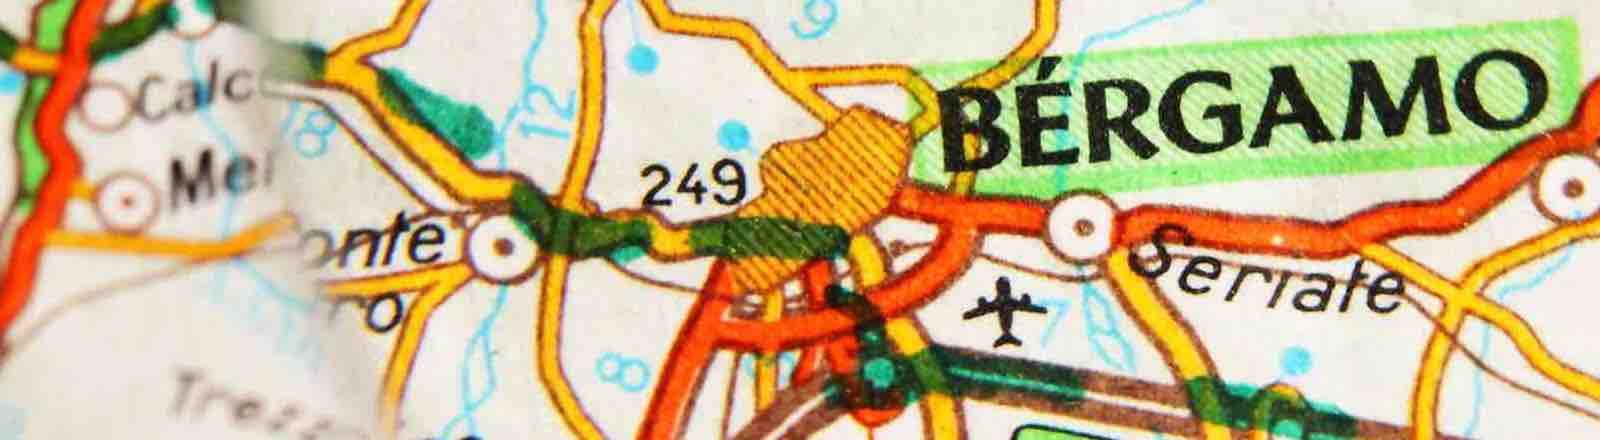 Orobiando Bergamo